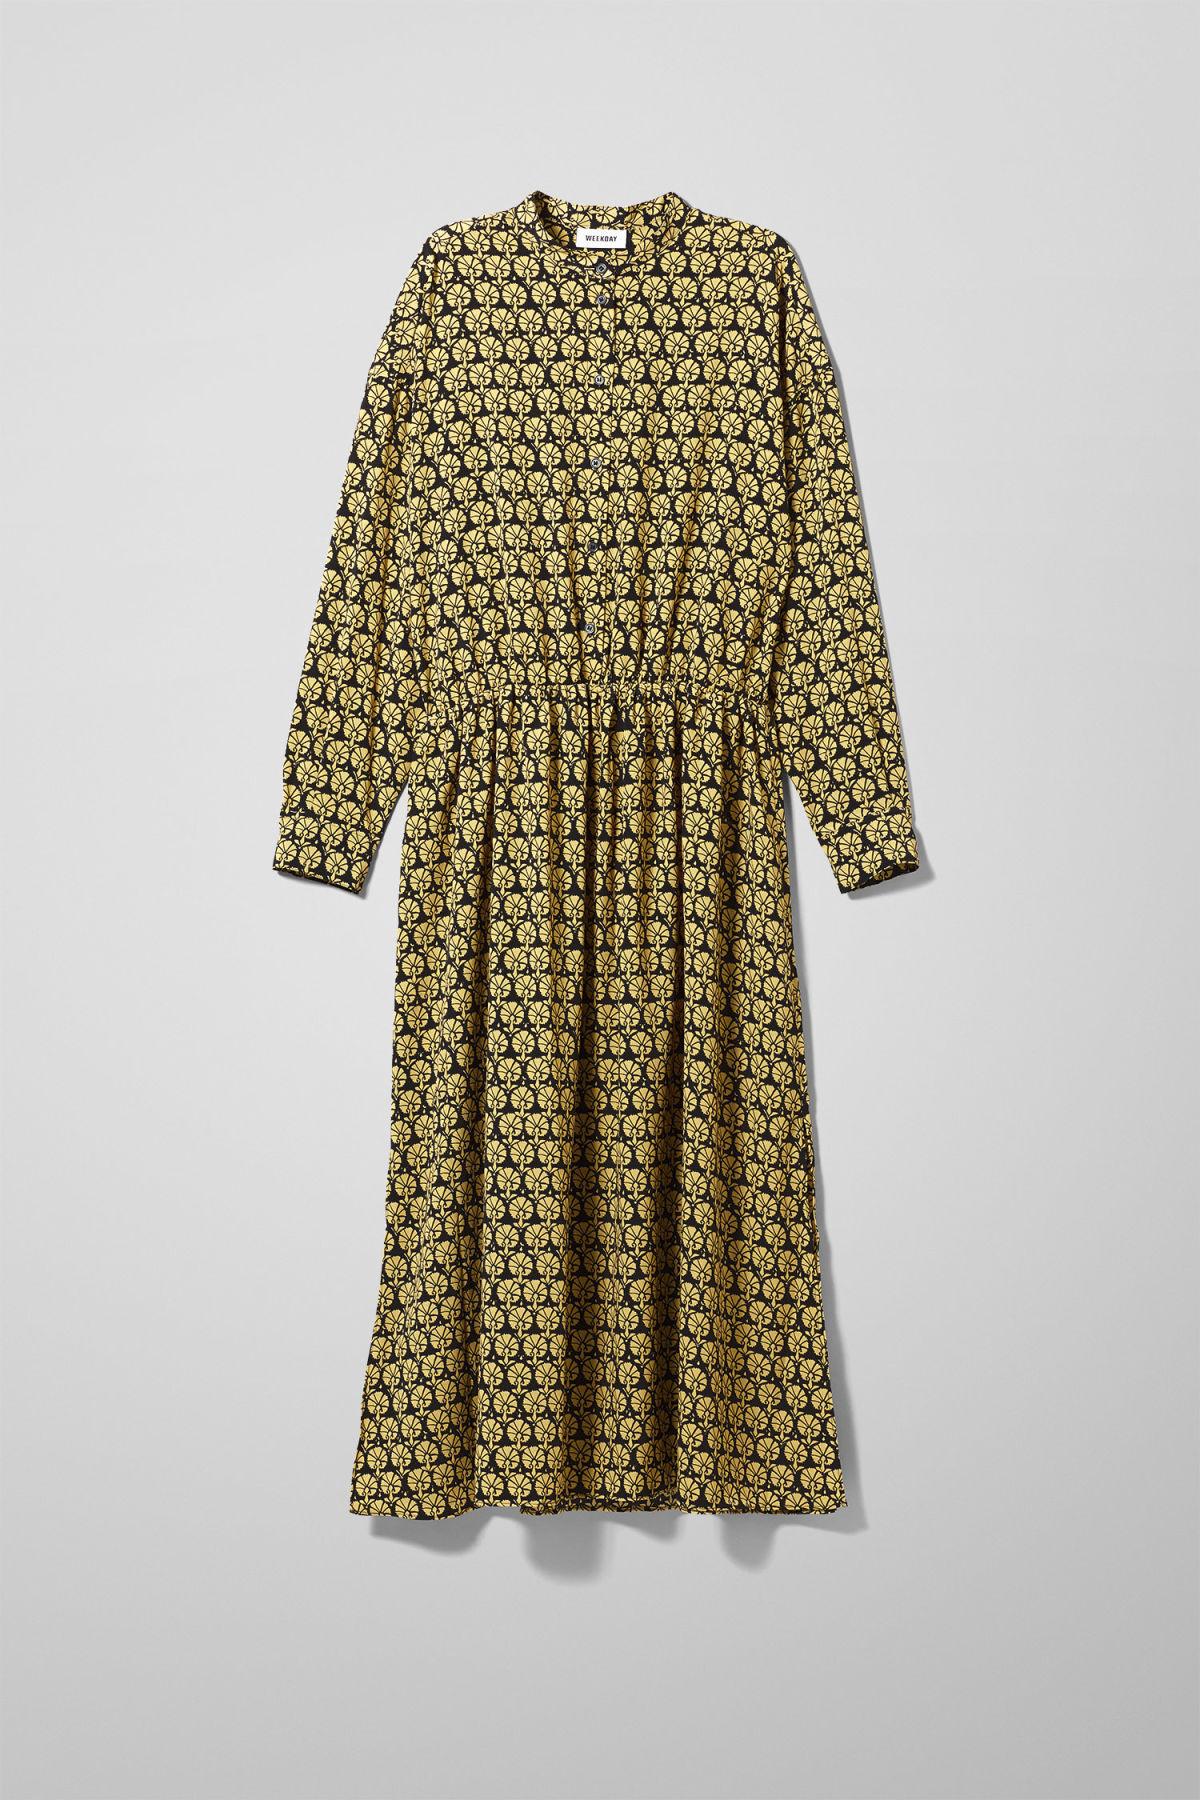 Image of Trudy Dress - Yellow-XS